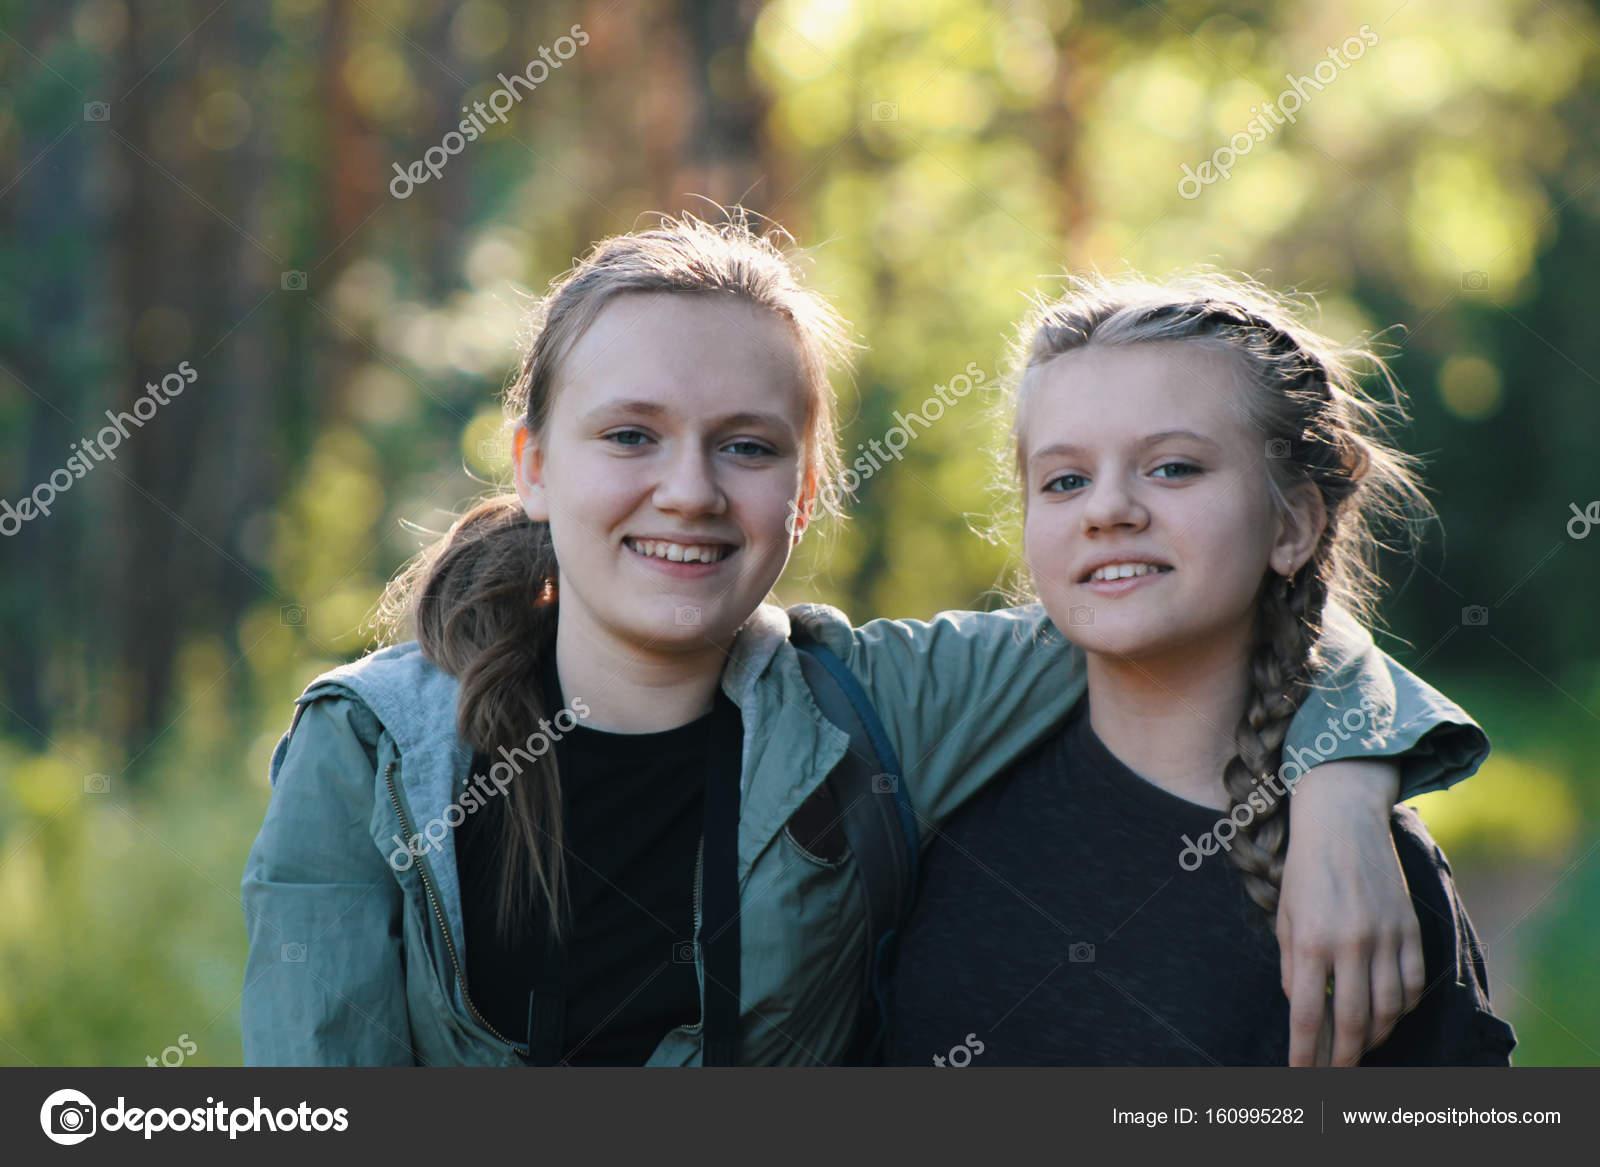 6f0d40cfcd71 Dos chicas guapas hermanas adolescentes amigos Parque - verano al ...